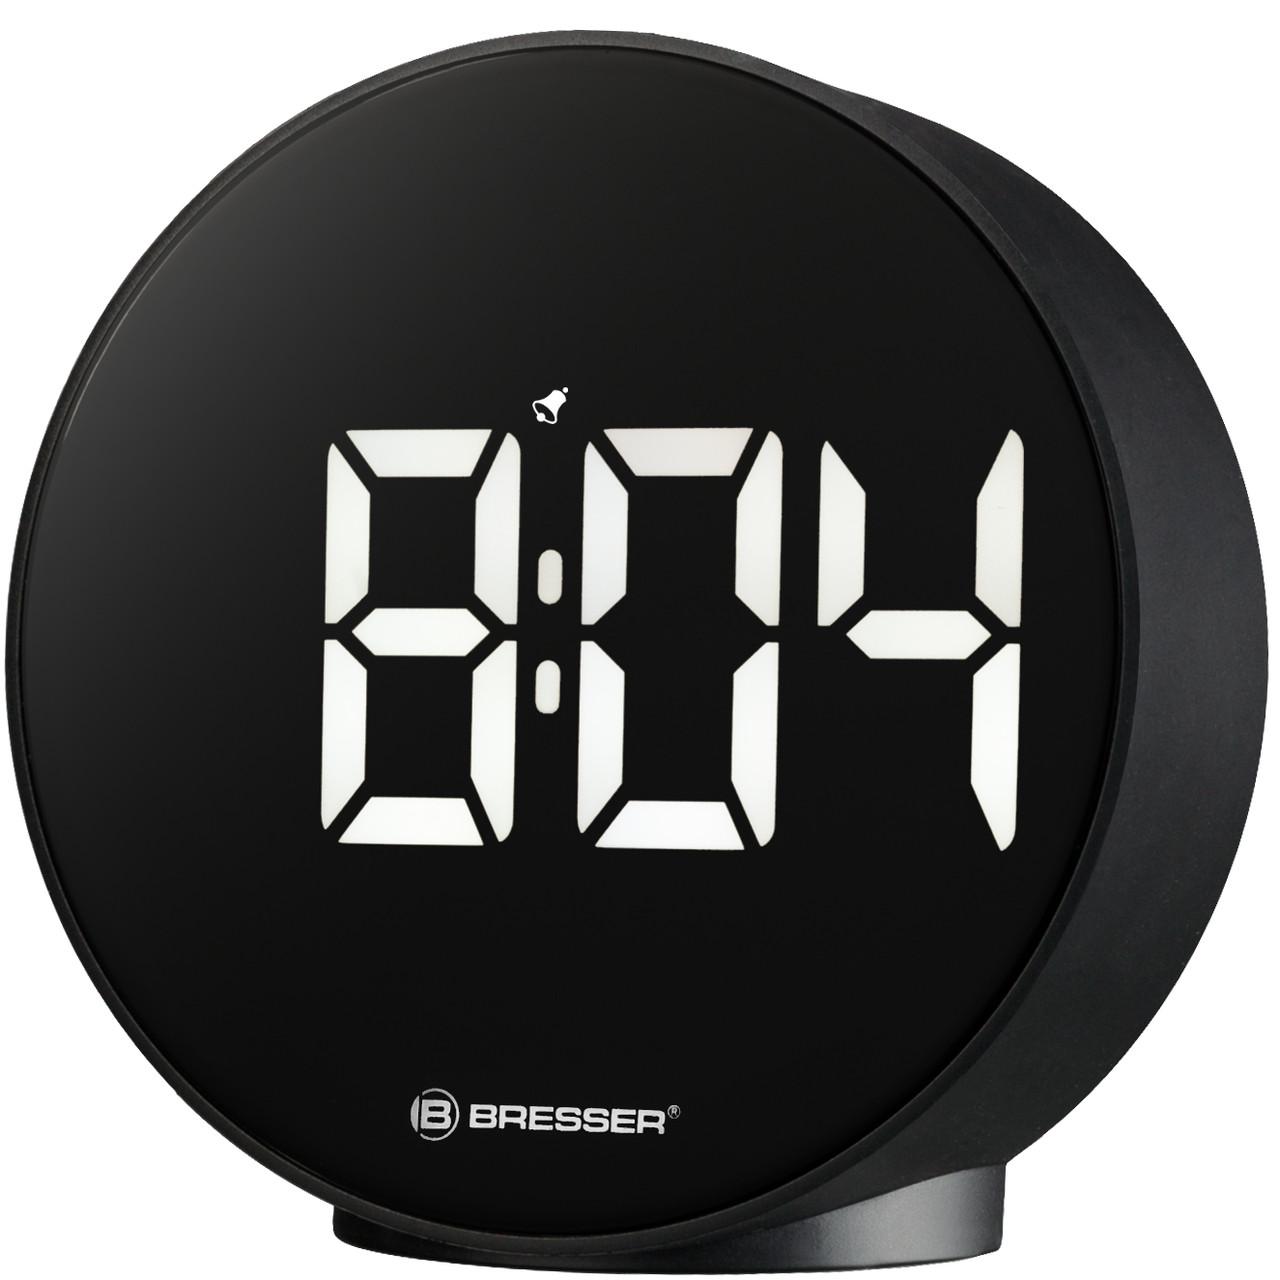 Настольные цифровые часы Bresser MyTime Echo FXR Black